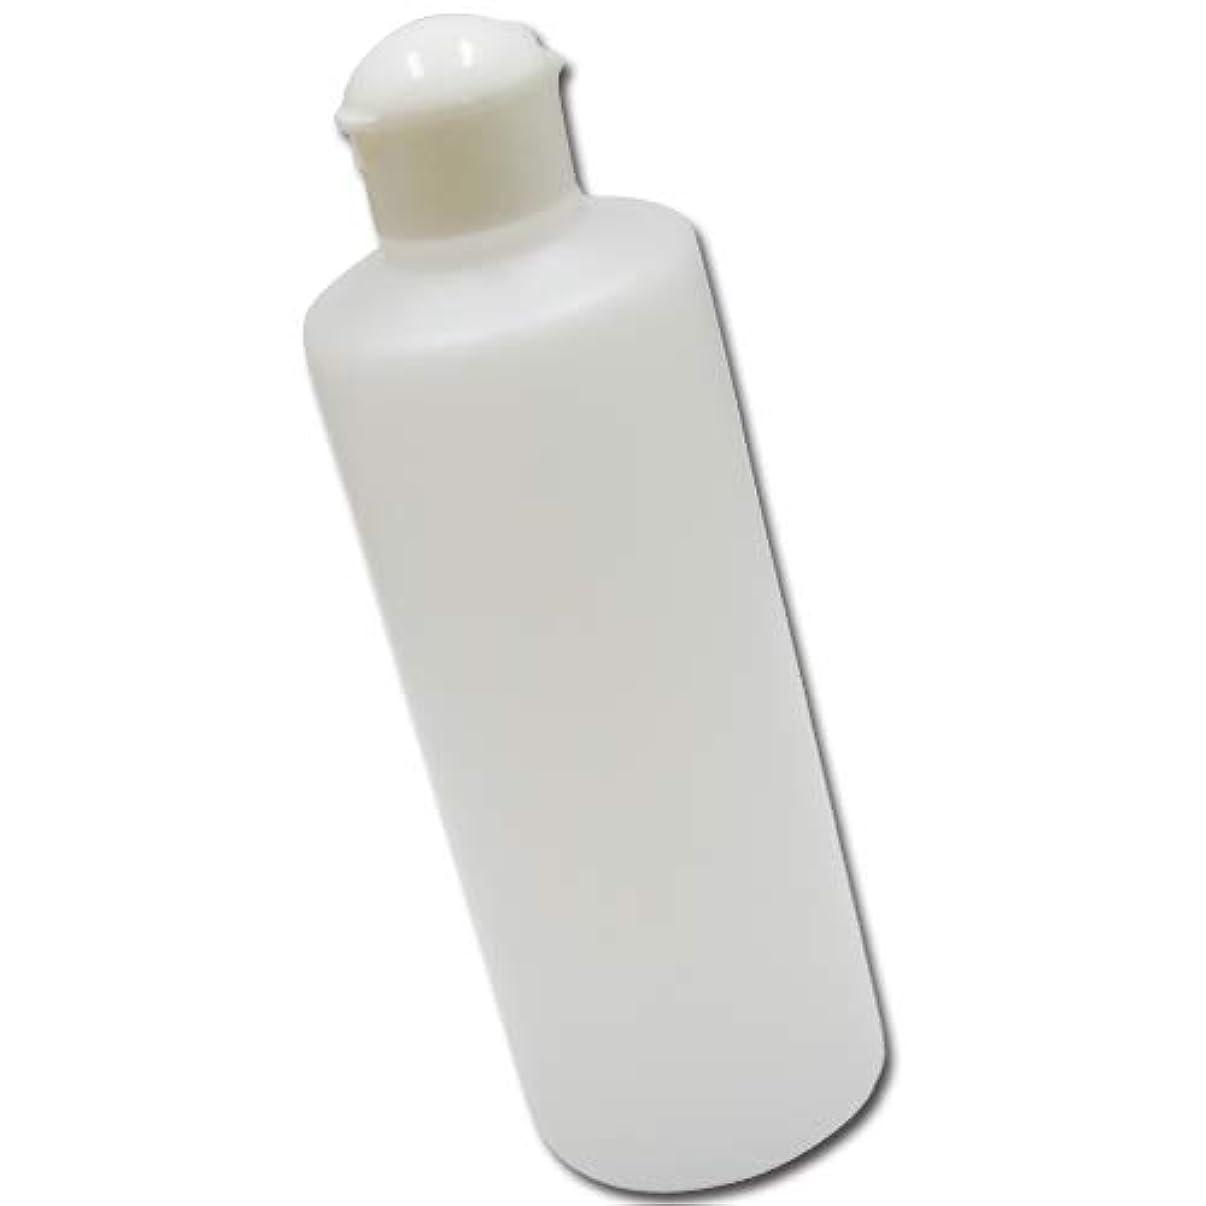 憂慮すべき周波数促す詰め替え容器ワンタッチキャップ300ml (半透明)│業務用ローションやうがい薬、液体石鹸、調味料、化粧品などの小分けに便利なボトル